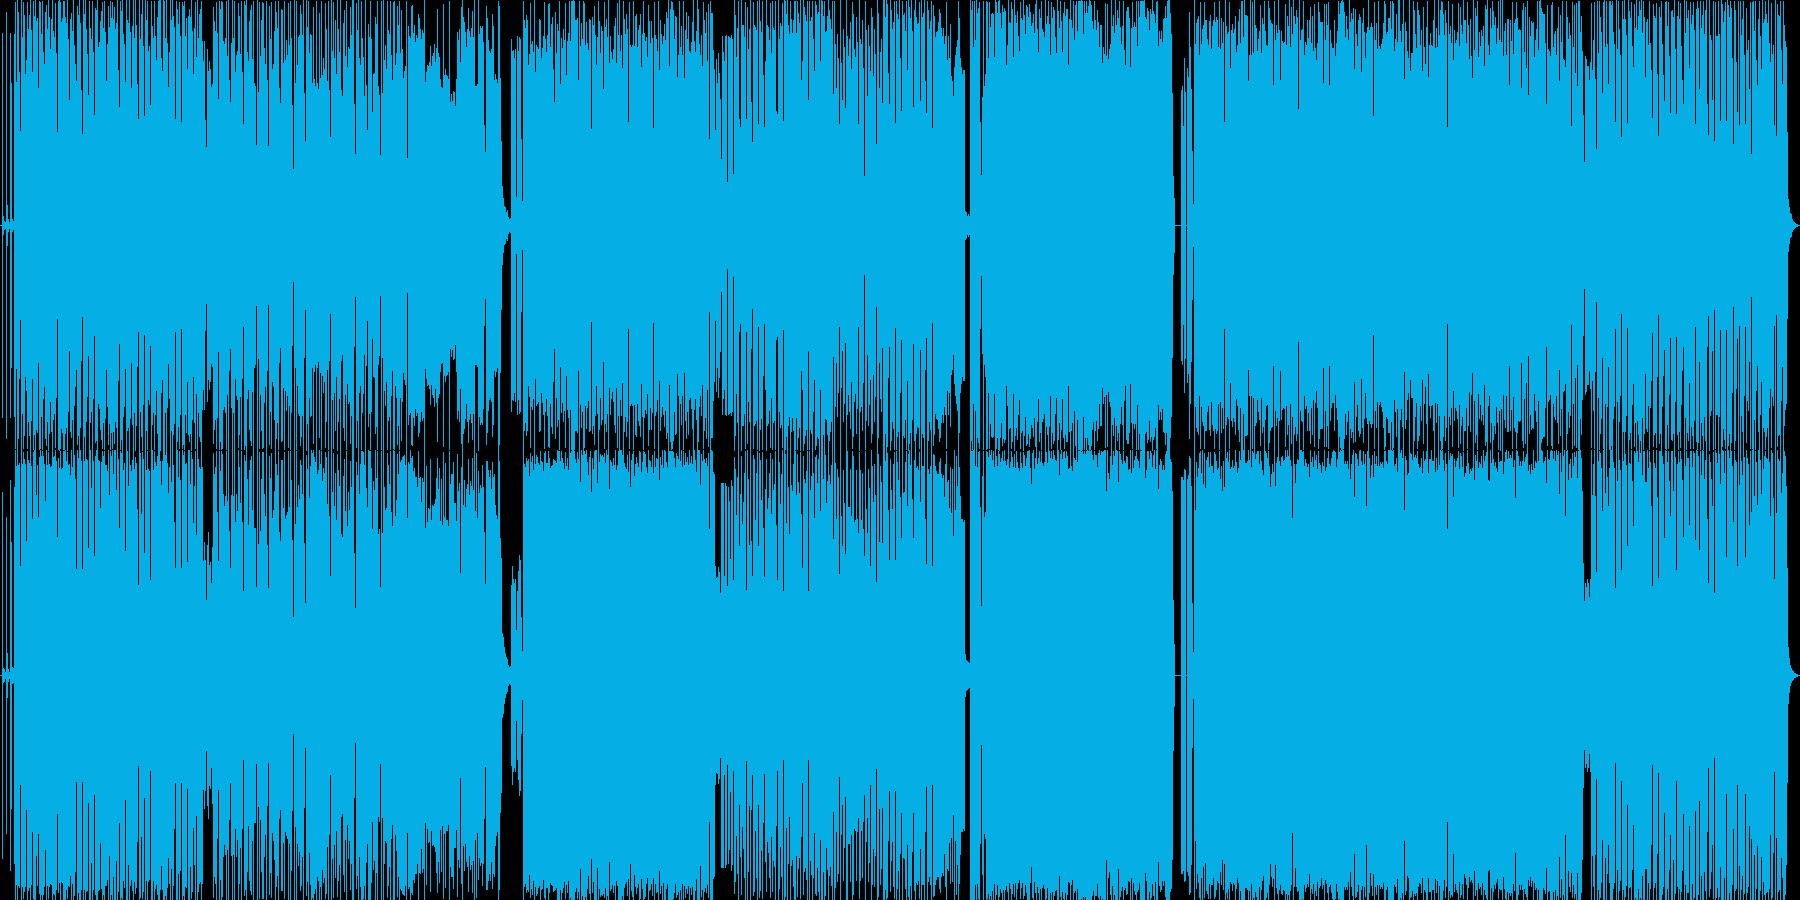 変拍子っぽいオルタナロックの再生済みの波形